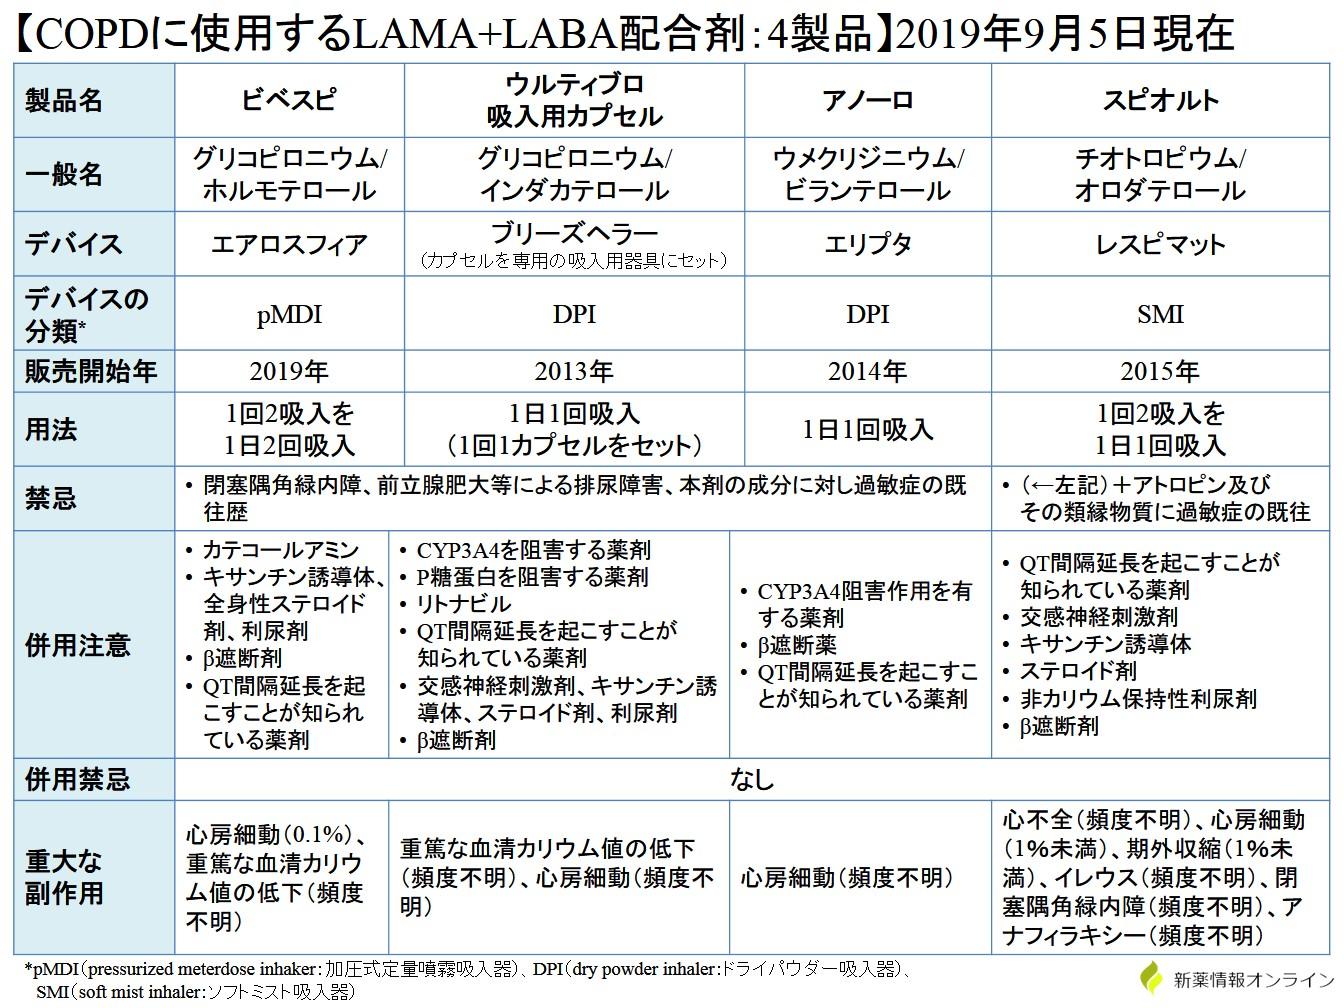 COPDに使用するLAMA+LABA配合剤の4製品比較・一覧表:ビベスピ、ウルティブロ、アノーロ、スピオルト